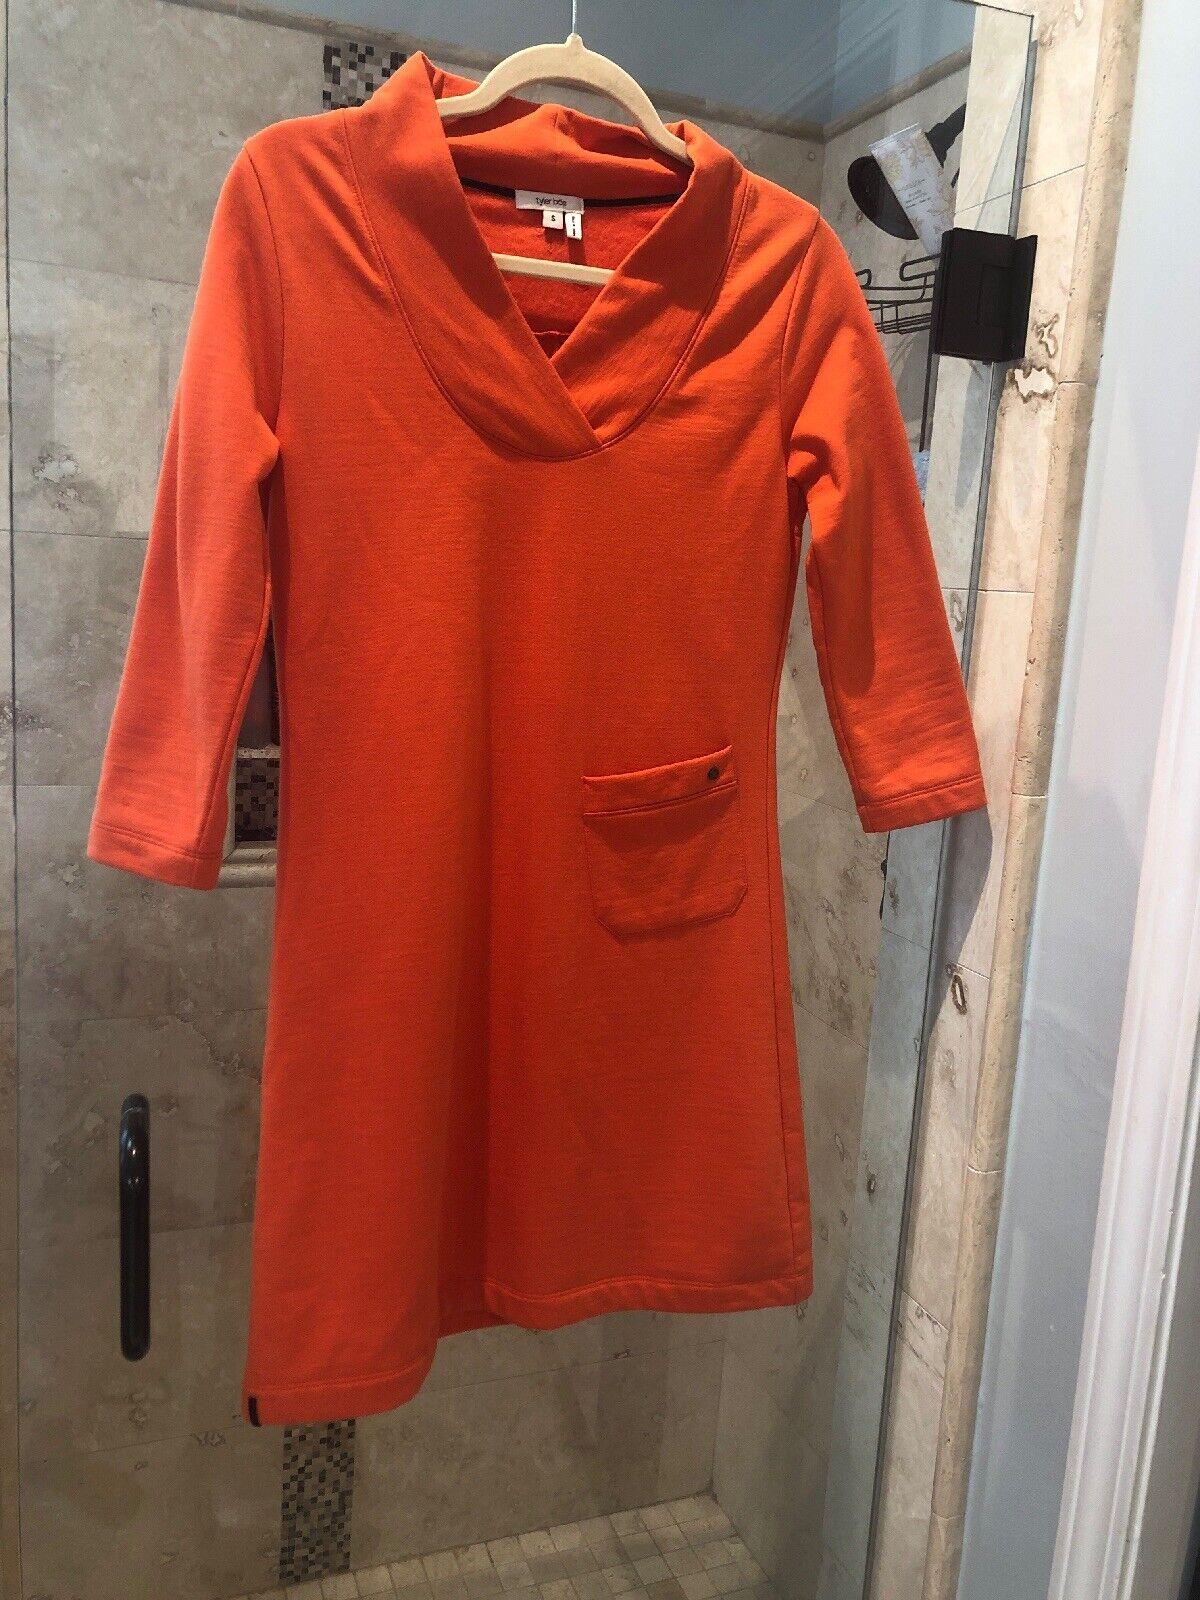 Nwt New Tyler Boe Tangerine Summer  Rugby Skimmer  3 4 Sleeve Dress S New